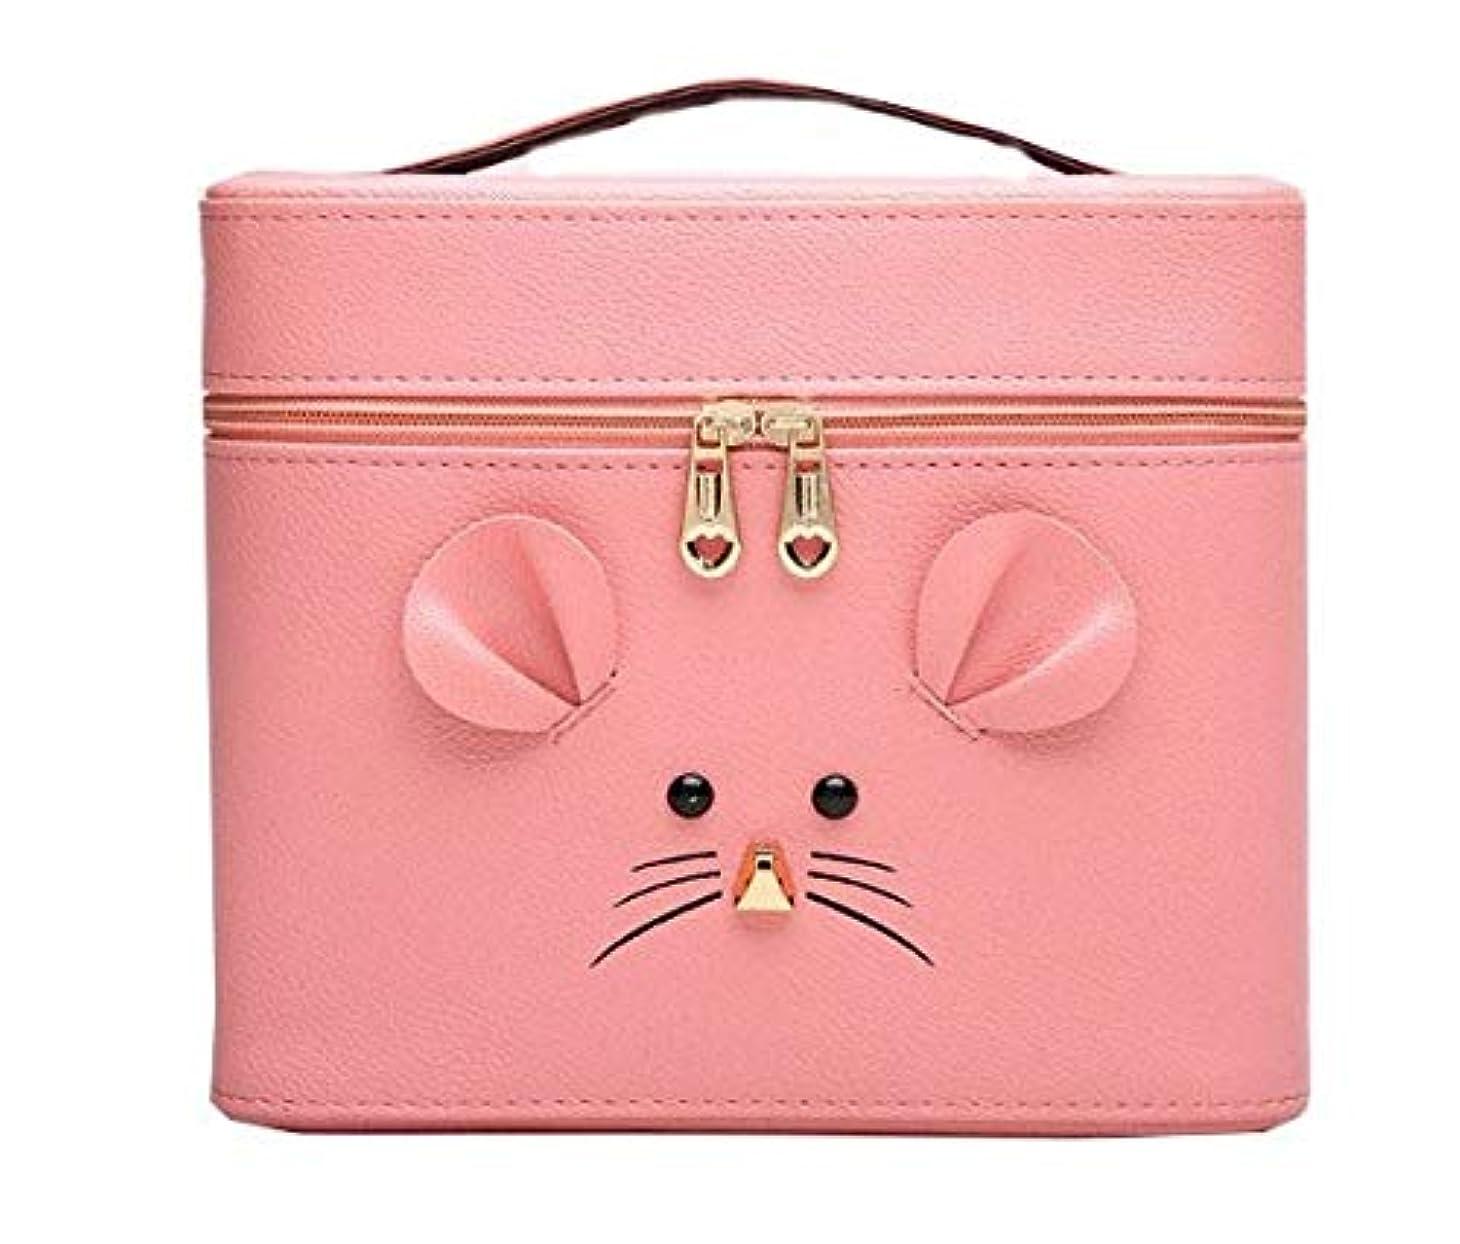 マリナーバイオリニストタンク化粧箱、ピンクの漫画のマウスの化粧箱、携帯用旅行化粧品の箱、美の釘の宝石類の収納箱 (Size : L)